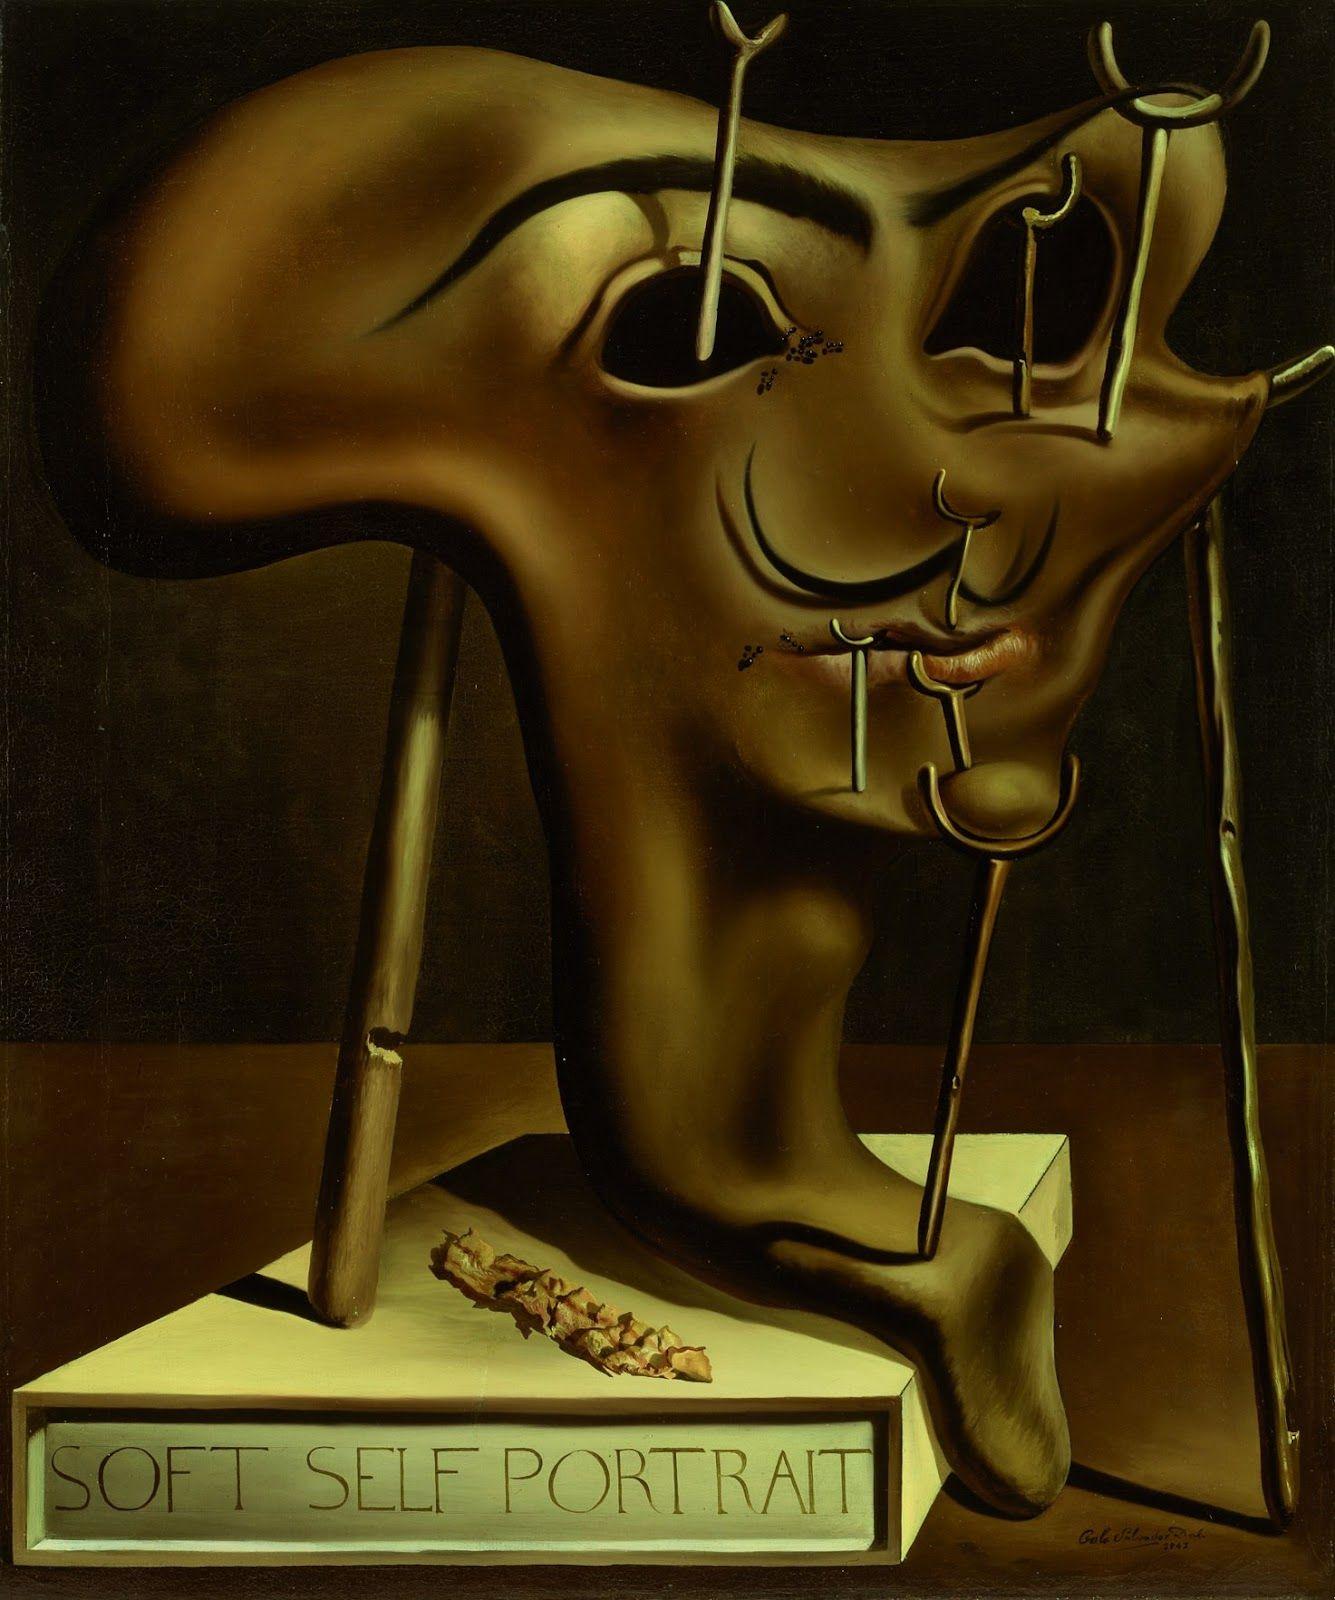 Attraktiv Dali Werke Dekoration Von Salvador - Soft Self-portrait With Grilled Bacon,